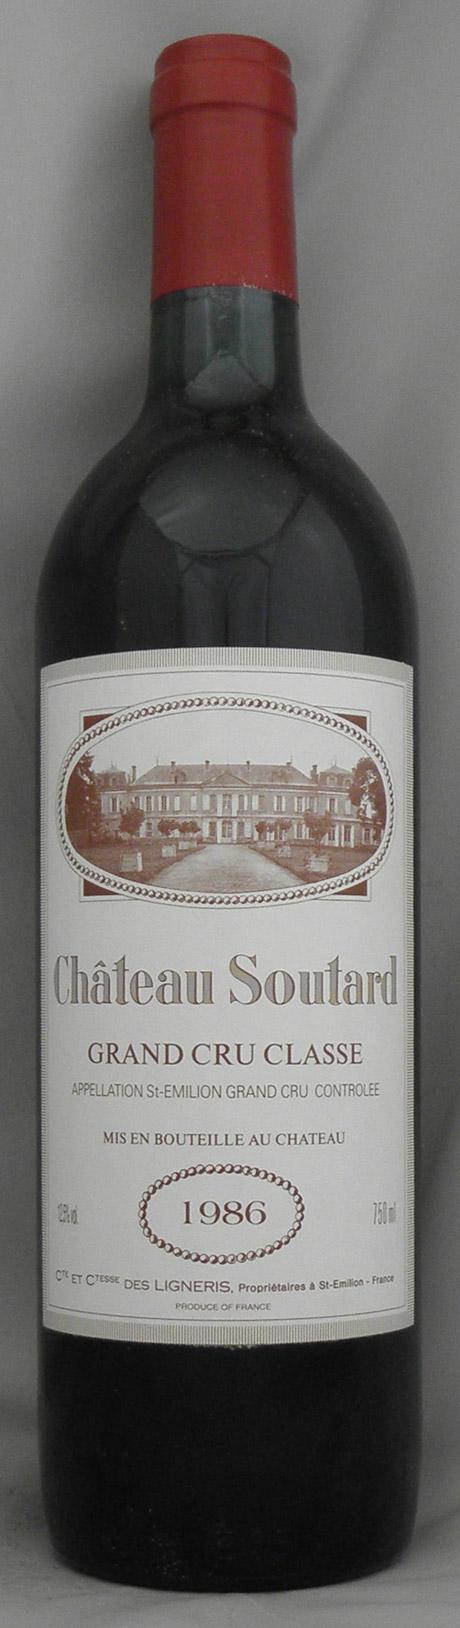 1986年 シャトー スータール(フランス 赤ワイン)